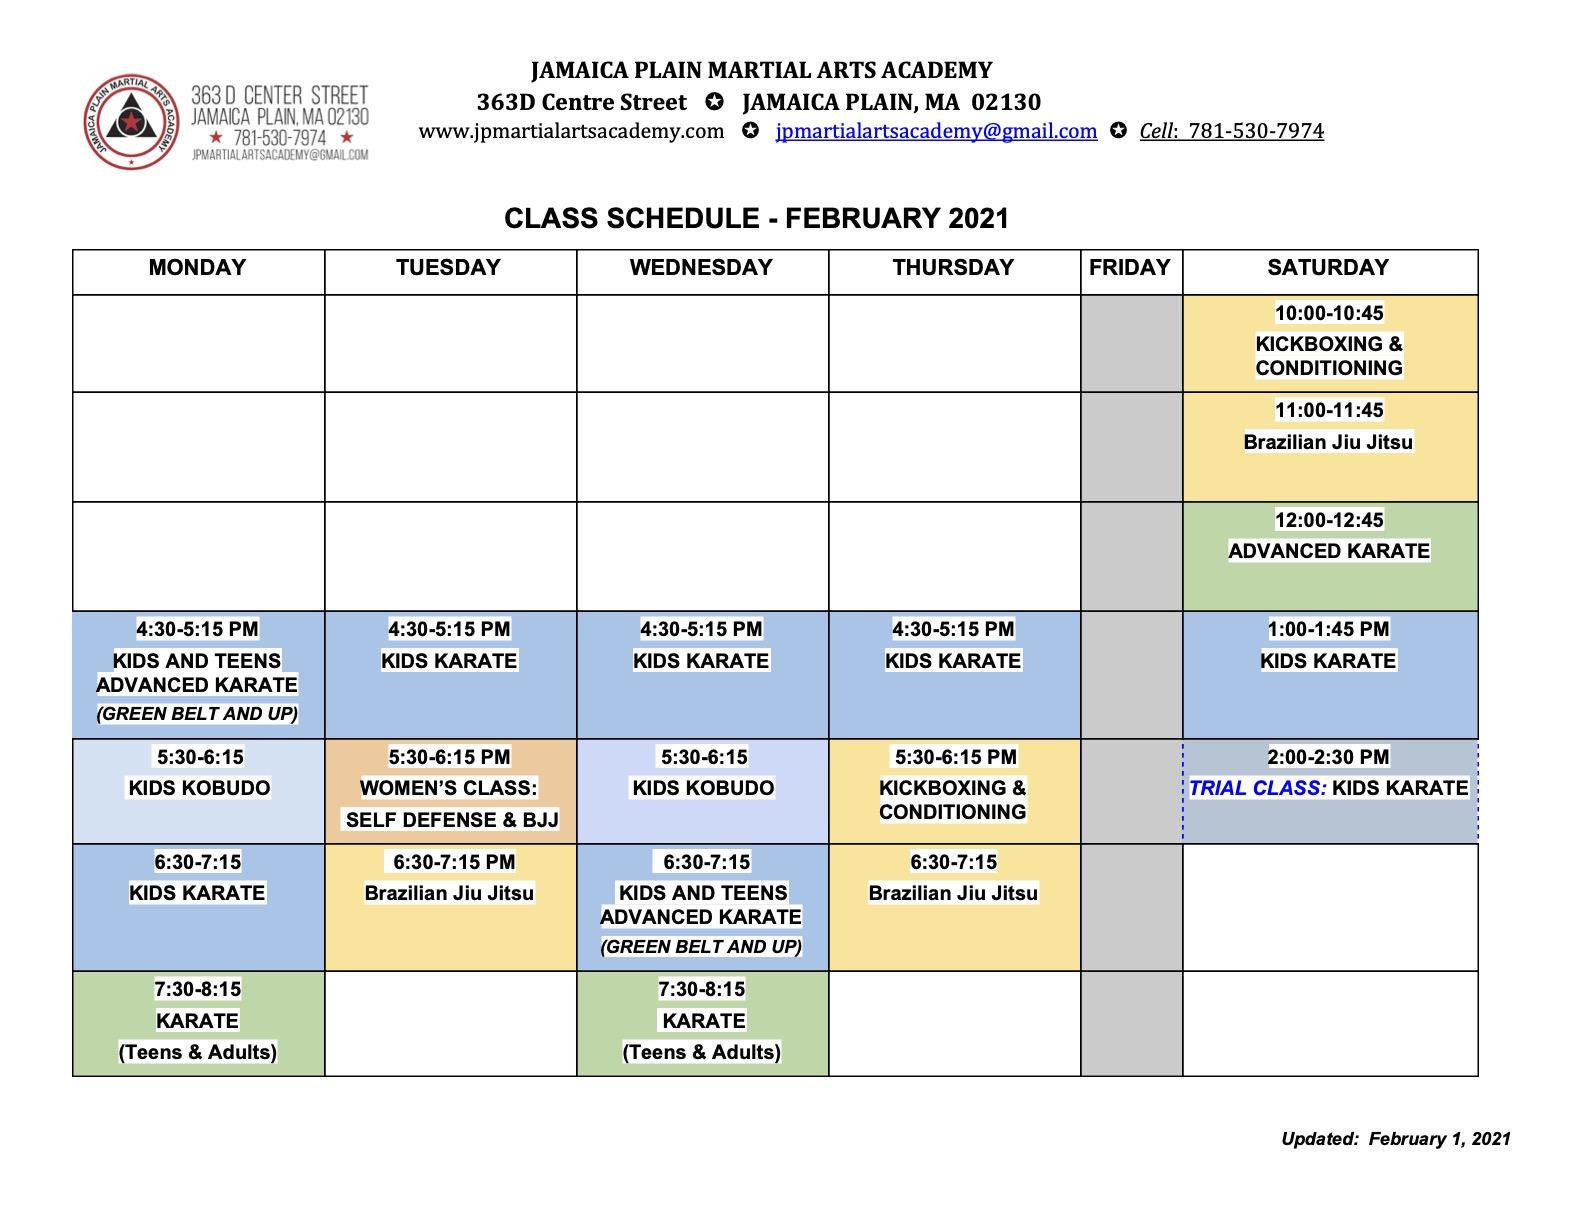 February 2021 Schedule